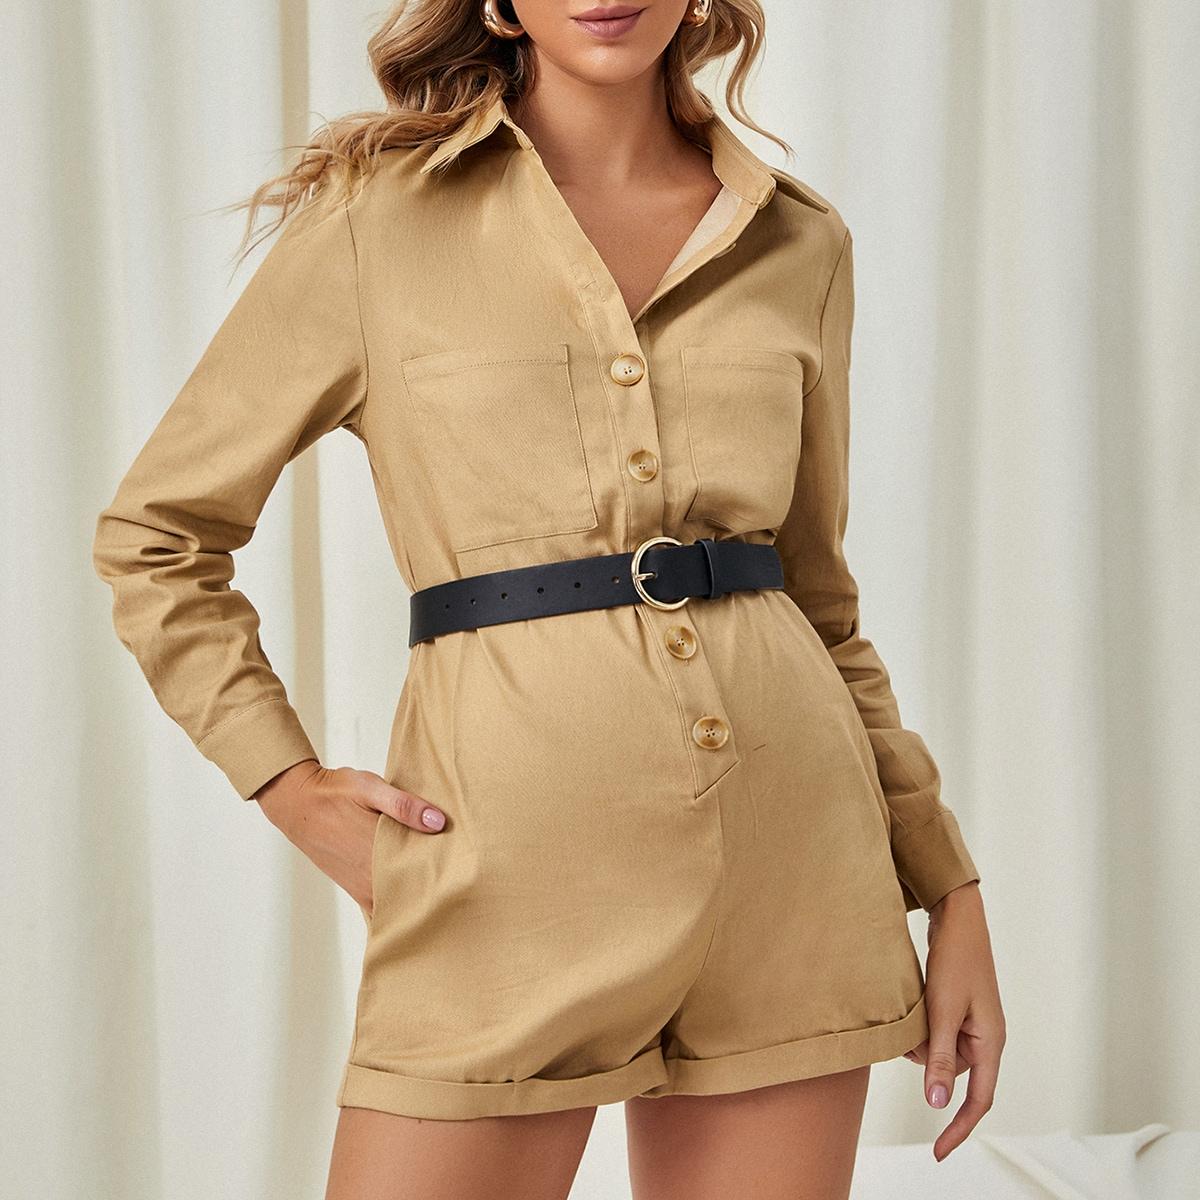 Комбинезон для беременных с пуговицами и карманом